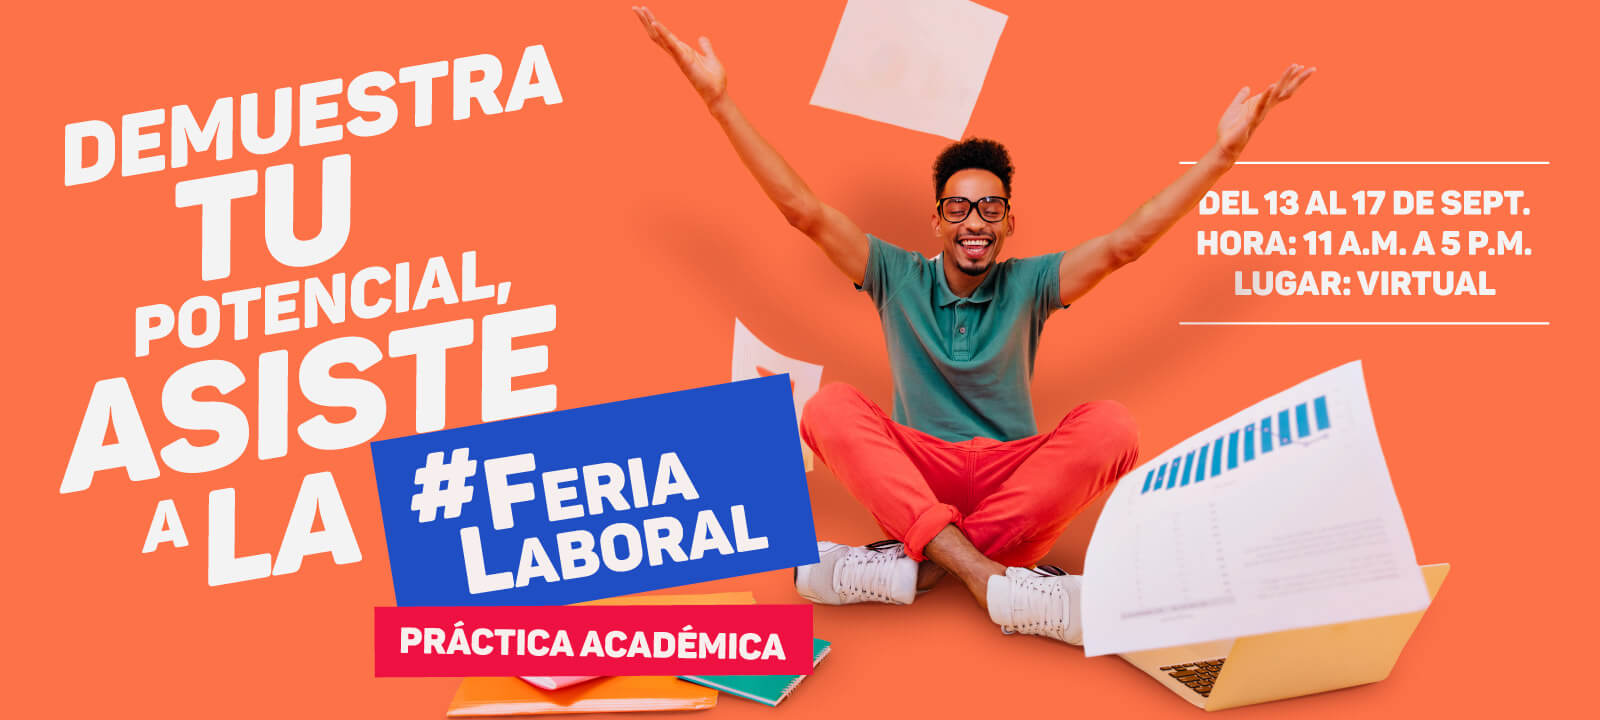 FeriaLaboral - Prácticas Académicas 2021